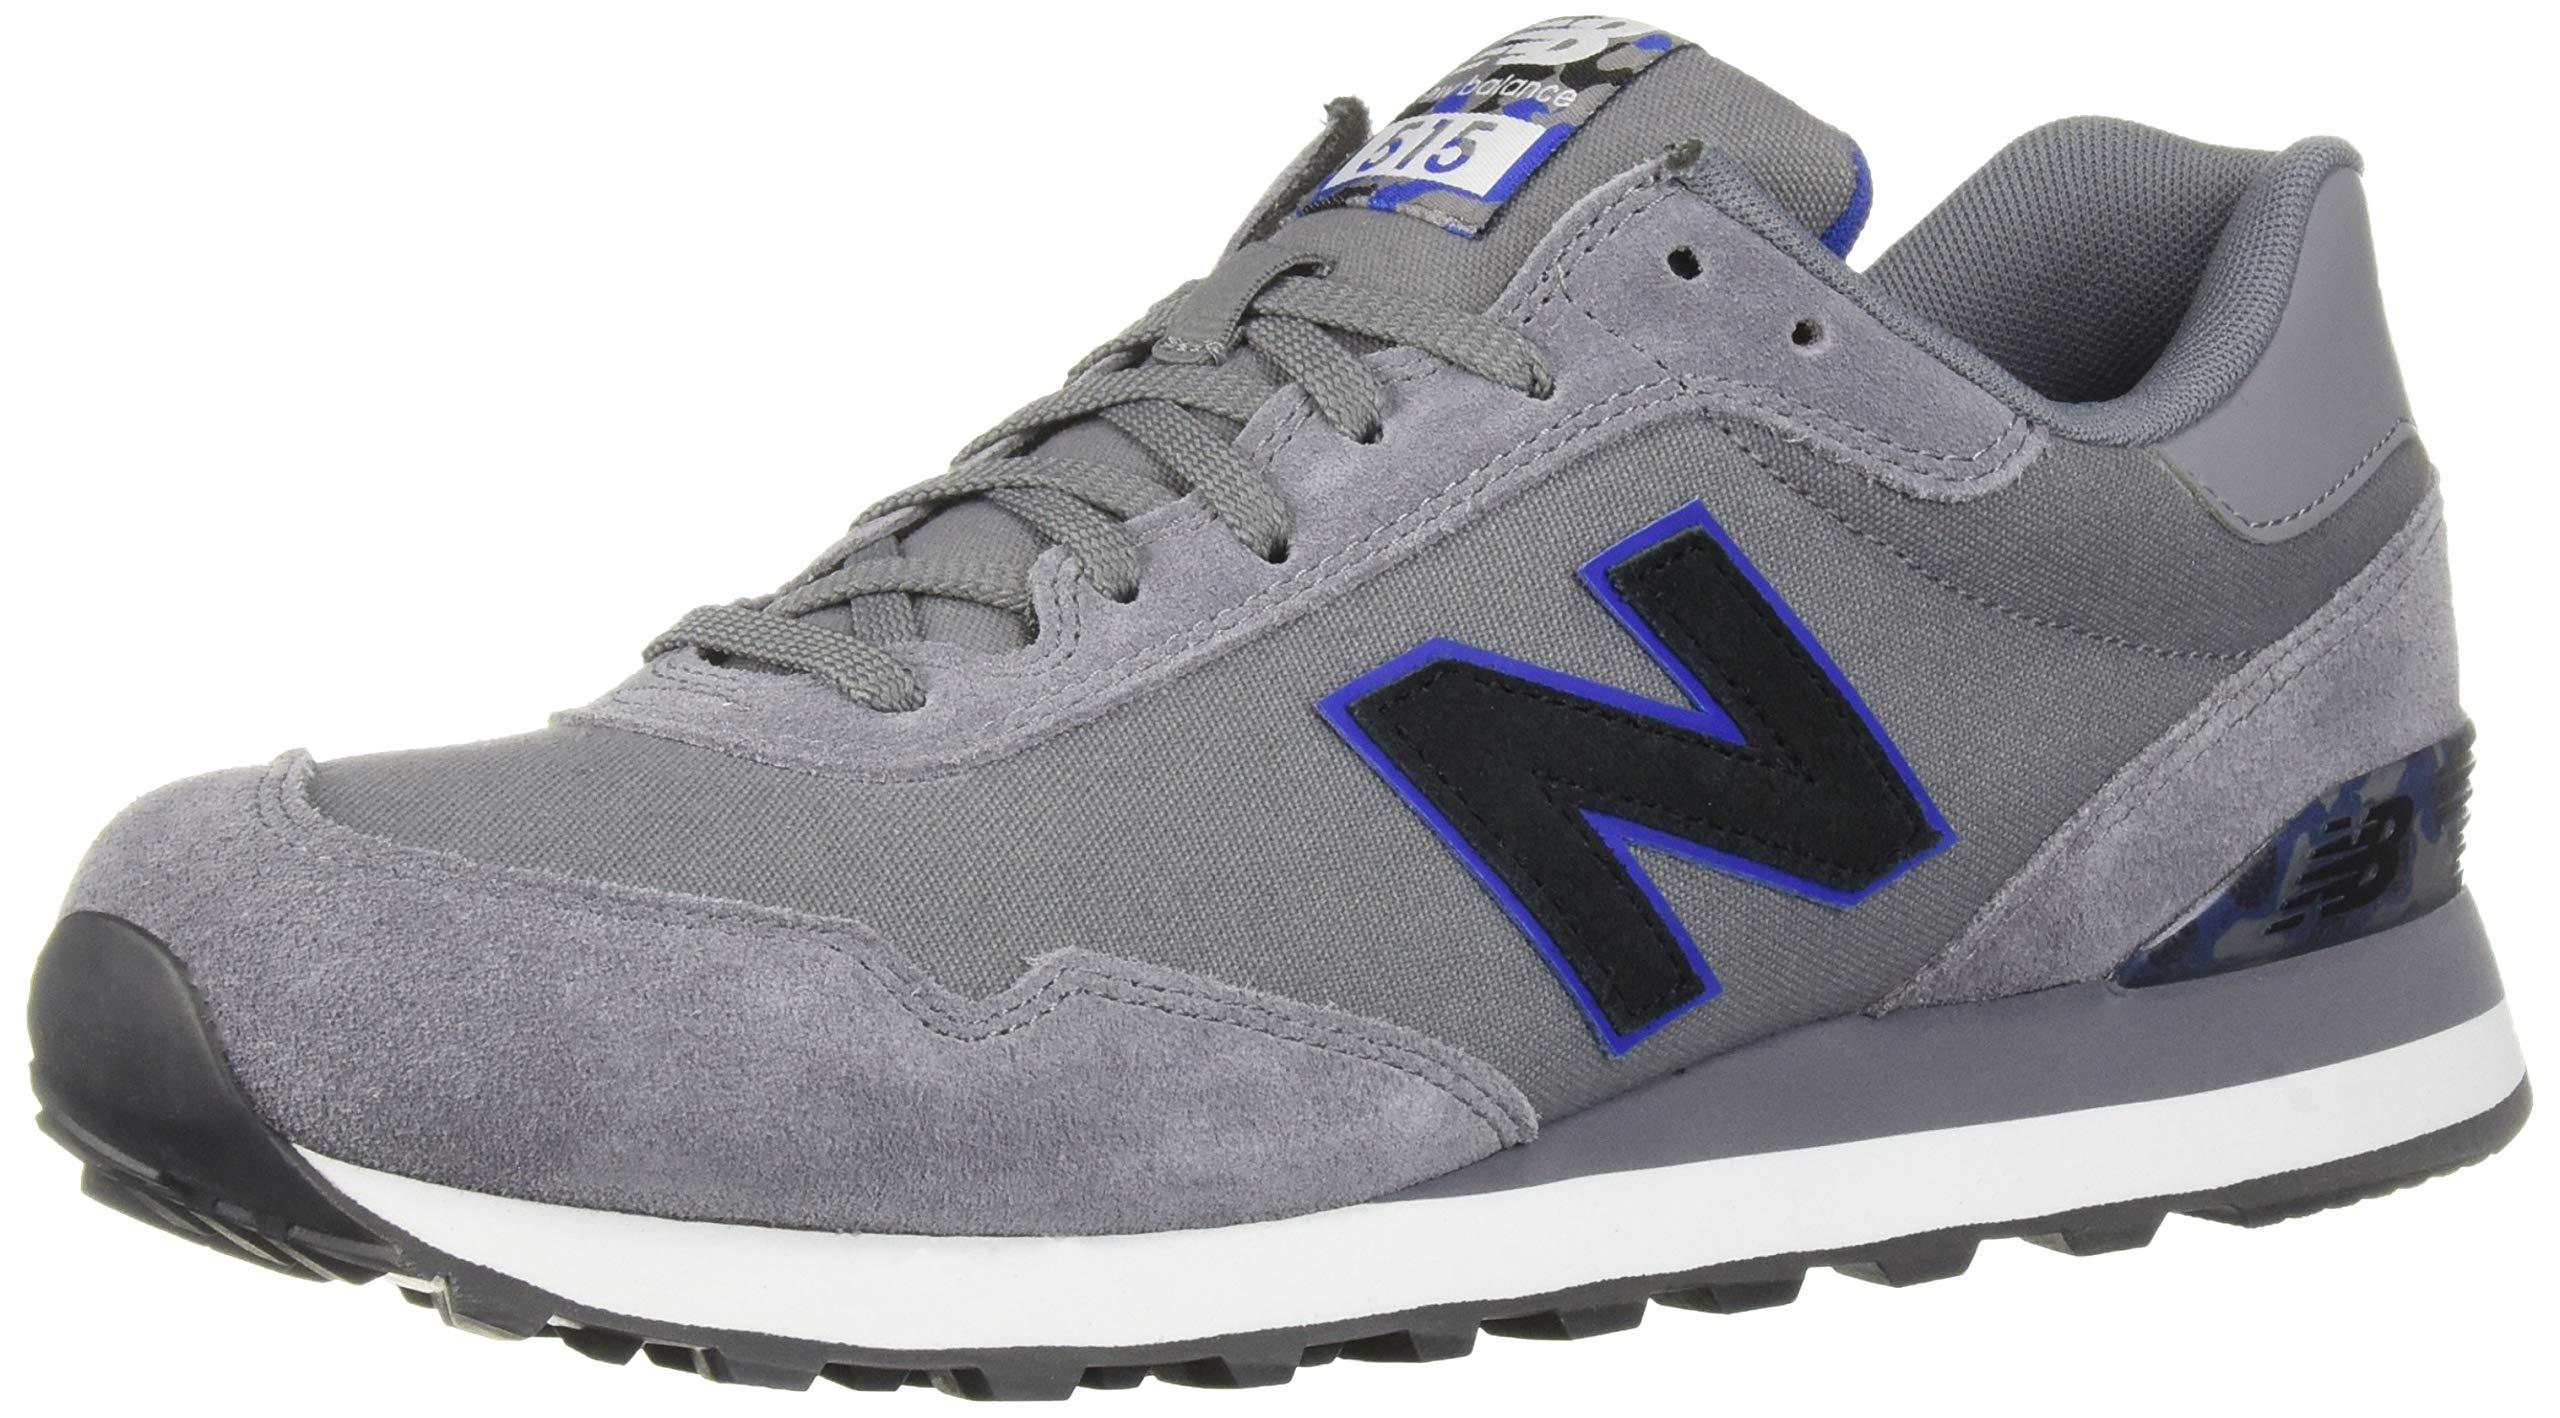 New Balance Men's 515 V1 Sneaker, Gunmetal/Team Royal, 18 D US